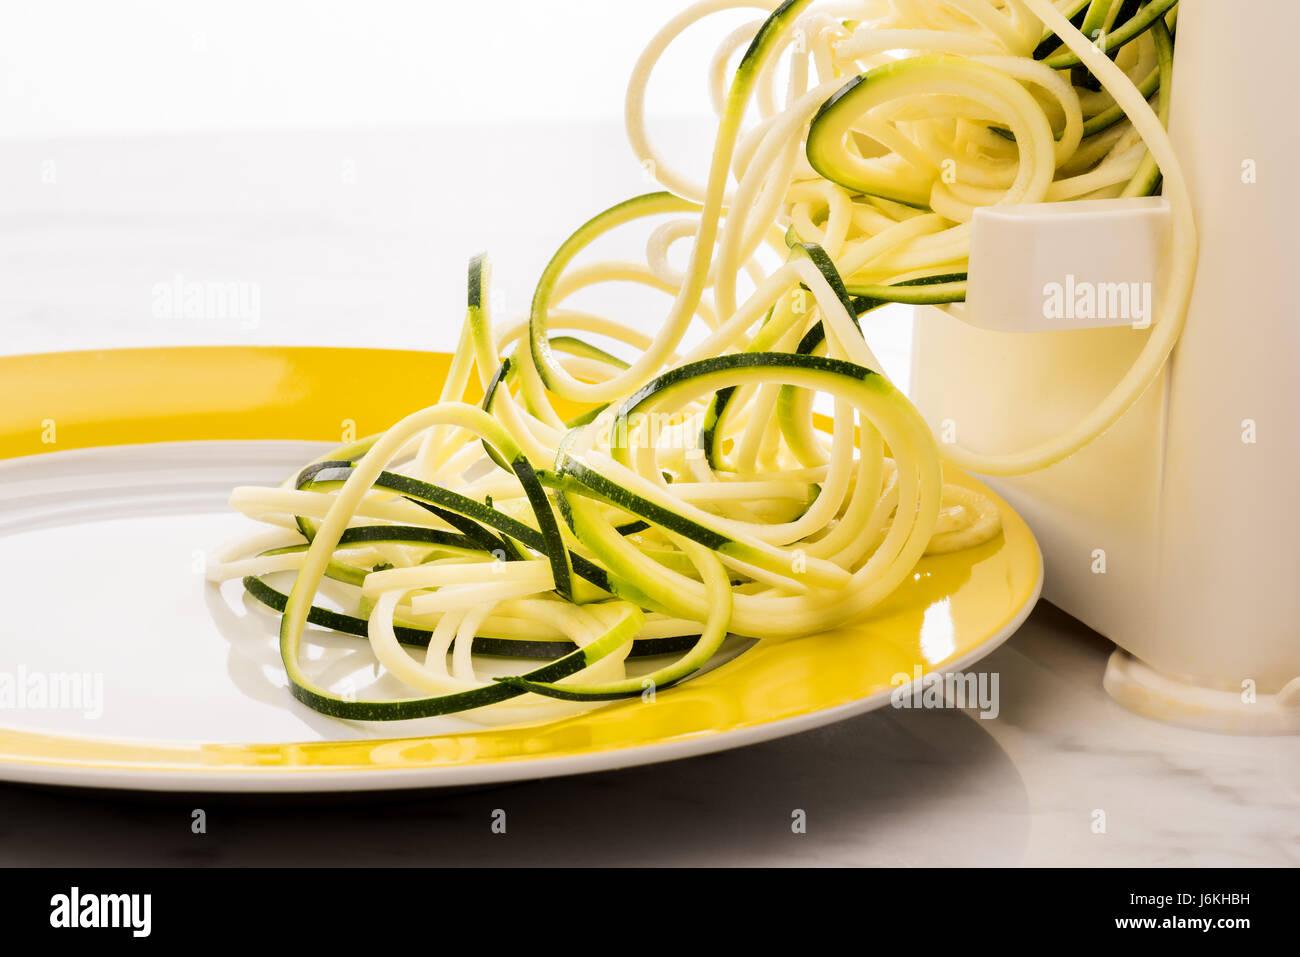 Zoodles décisions spaghettis de légumes Pâtes courgettes bas carb Photo Stock